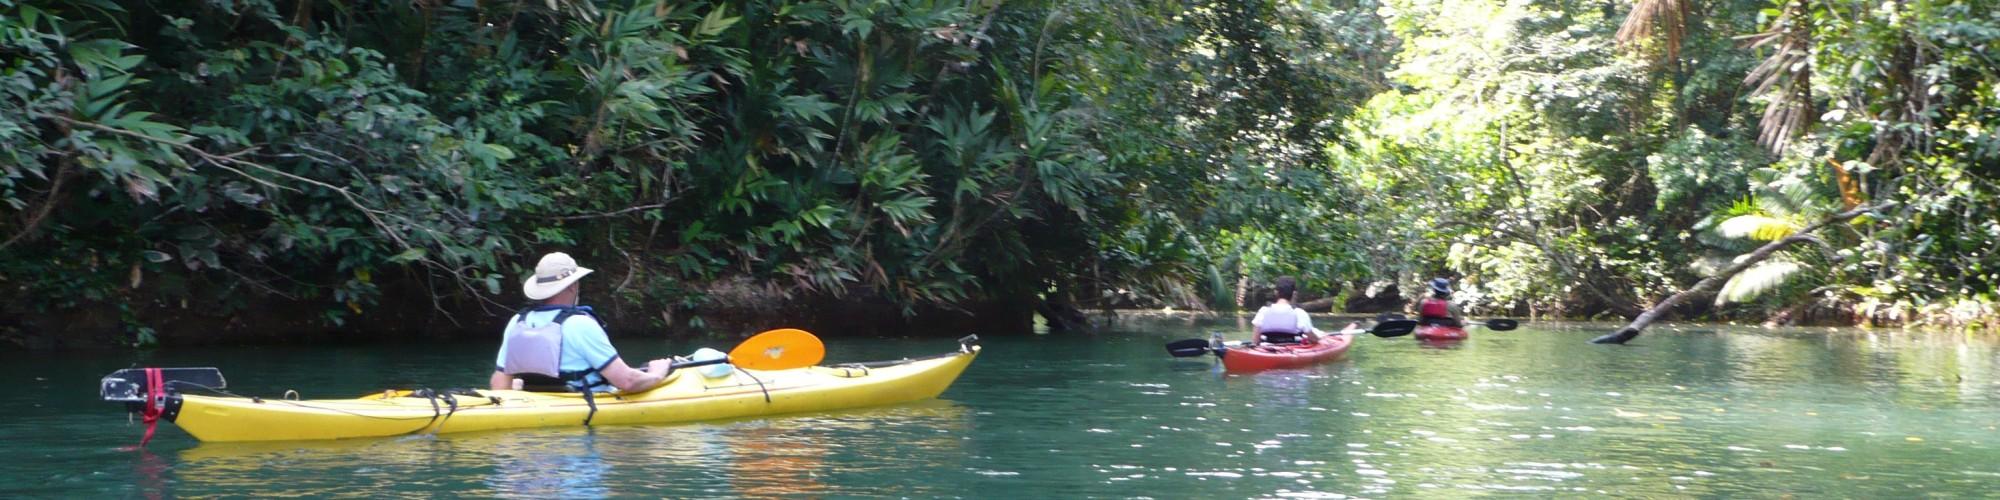 Kayaking in Panama